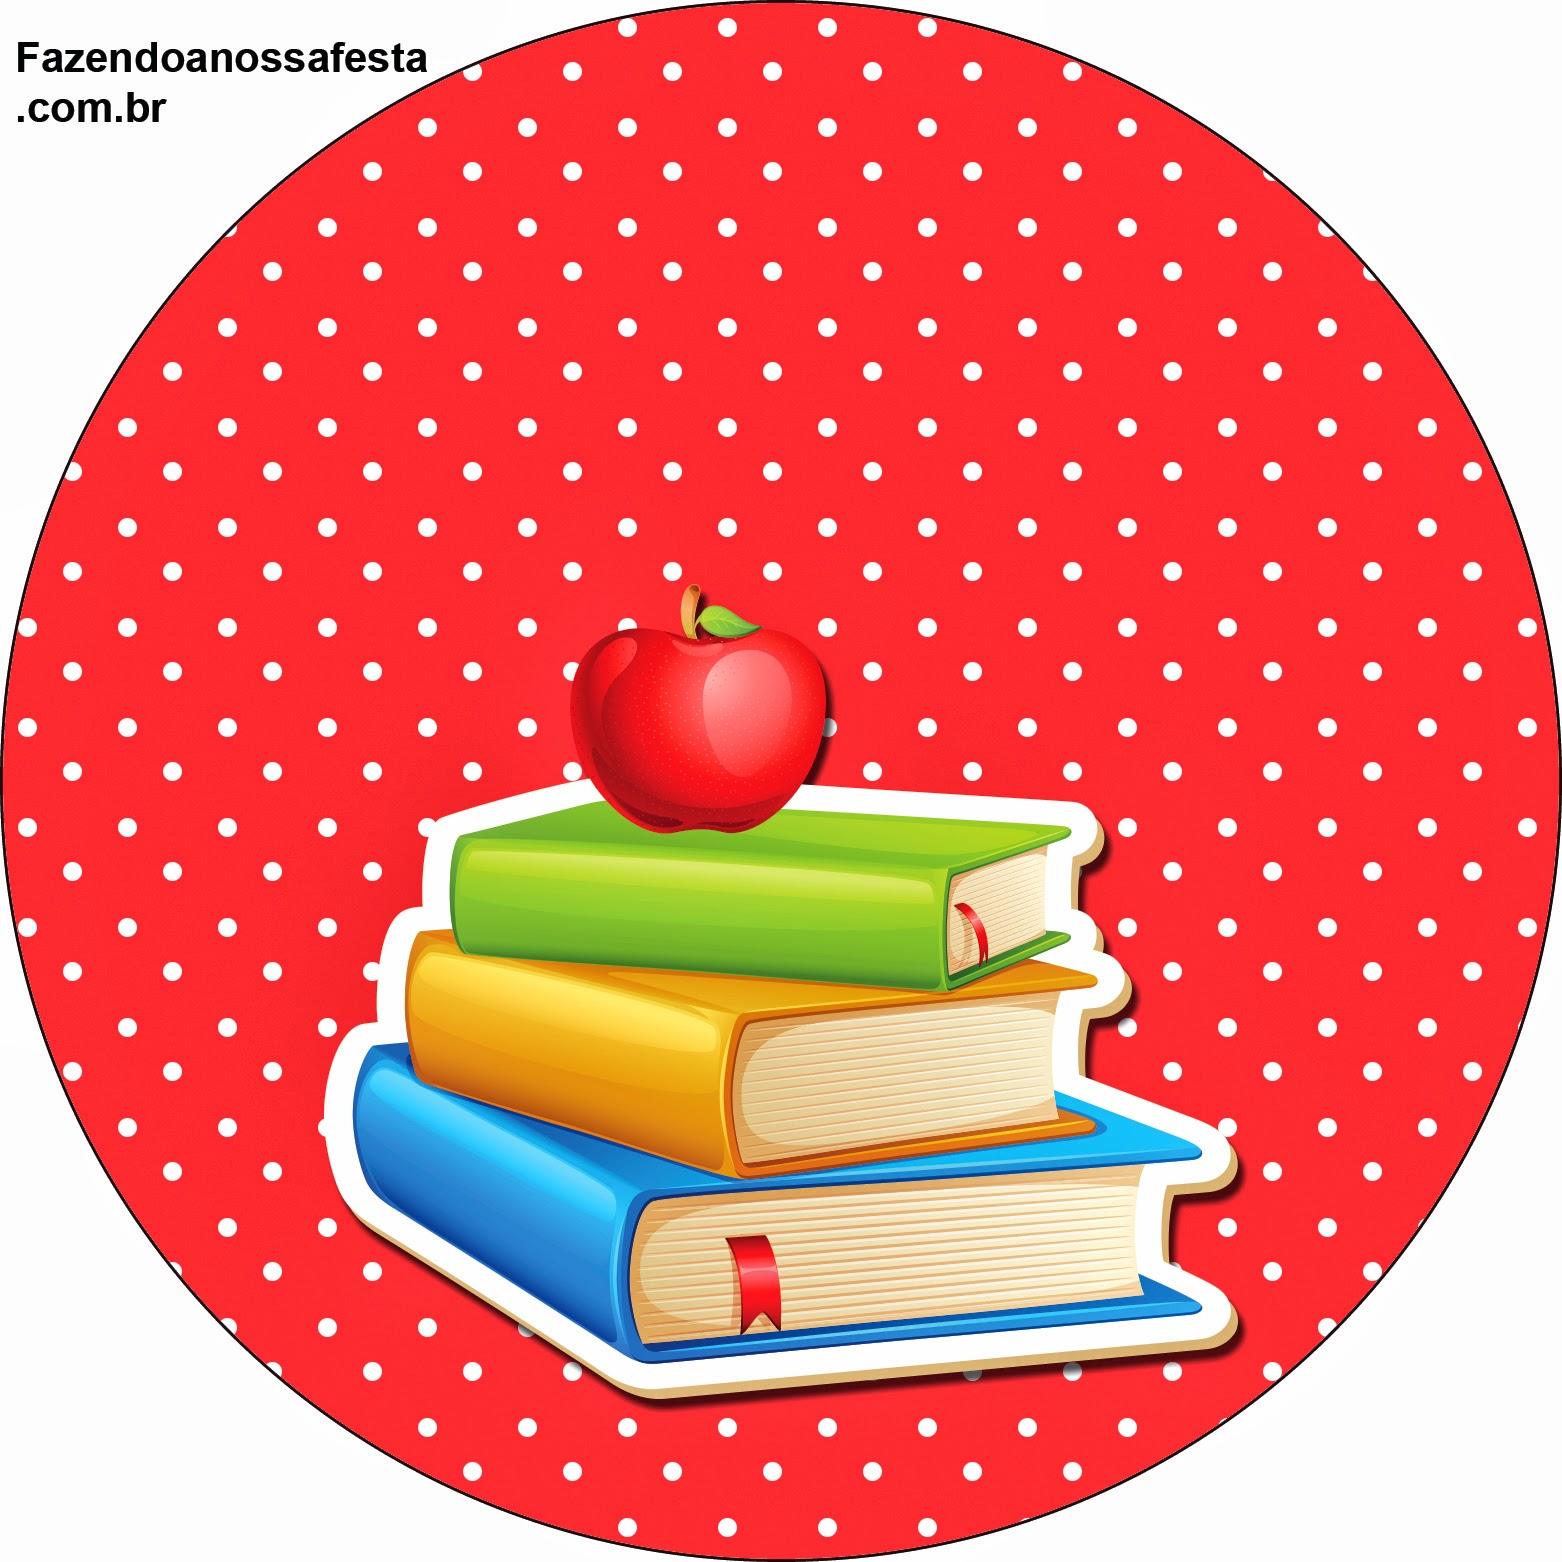 Adesivo Kombi Geladeira ~ Festinha Pronta Dia dos Professores